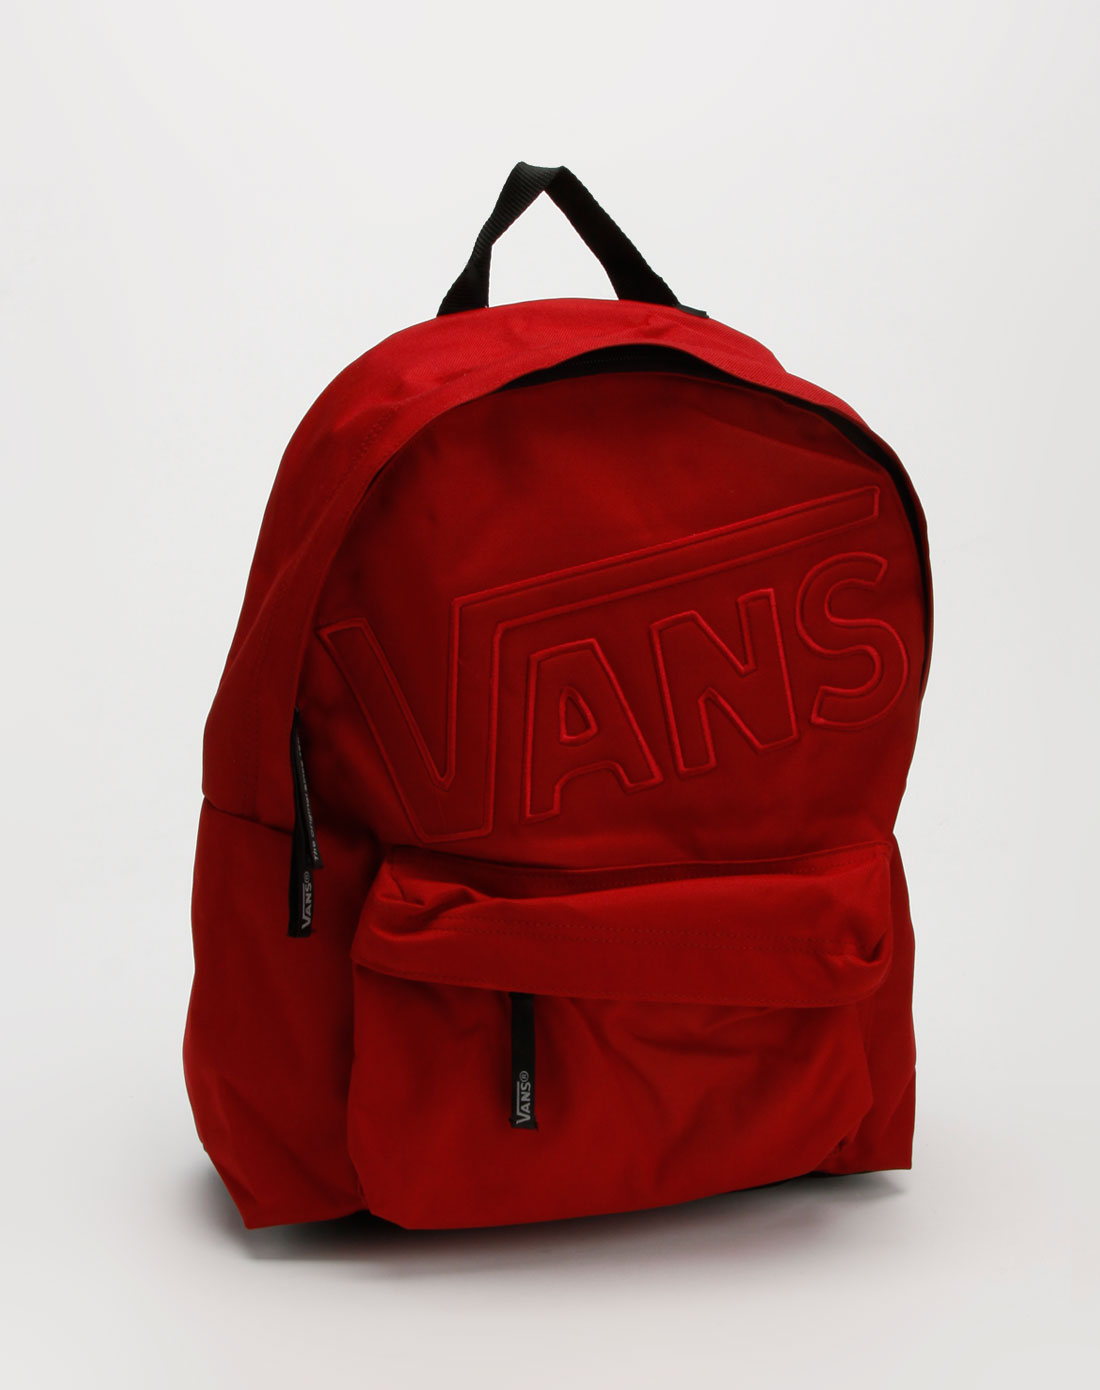 中性红色休闲背包